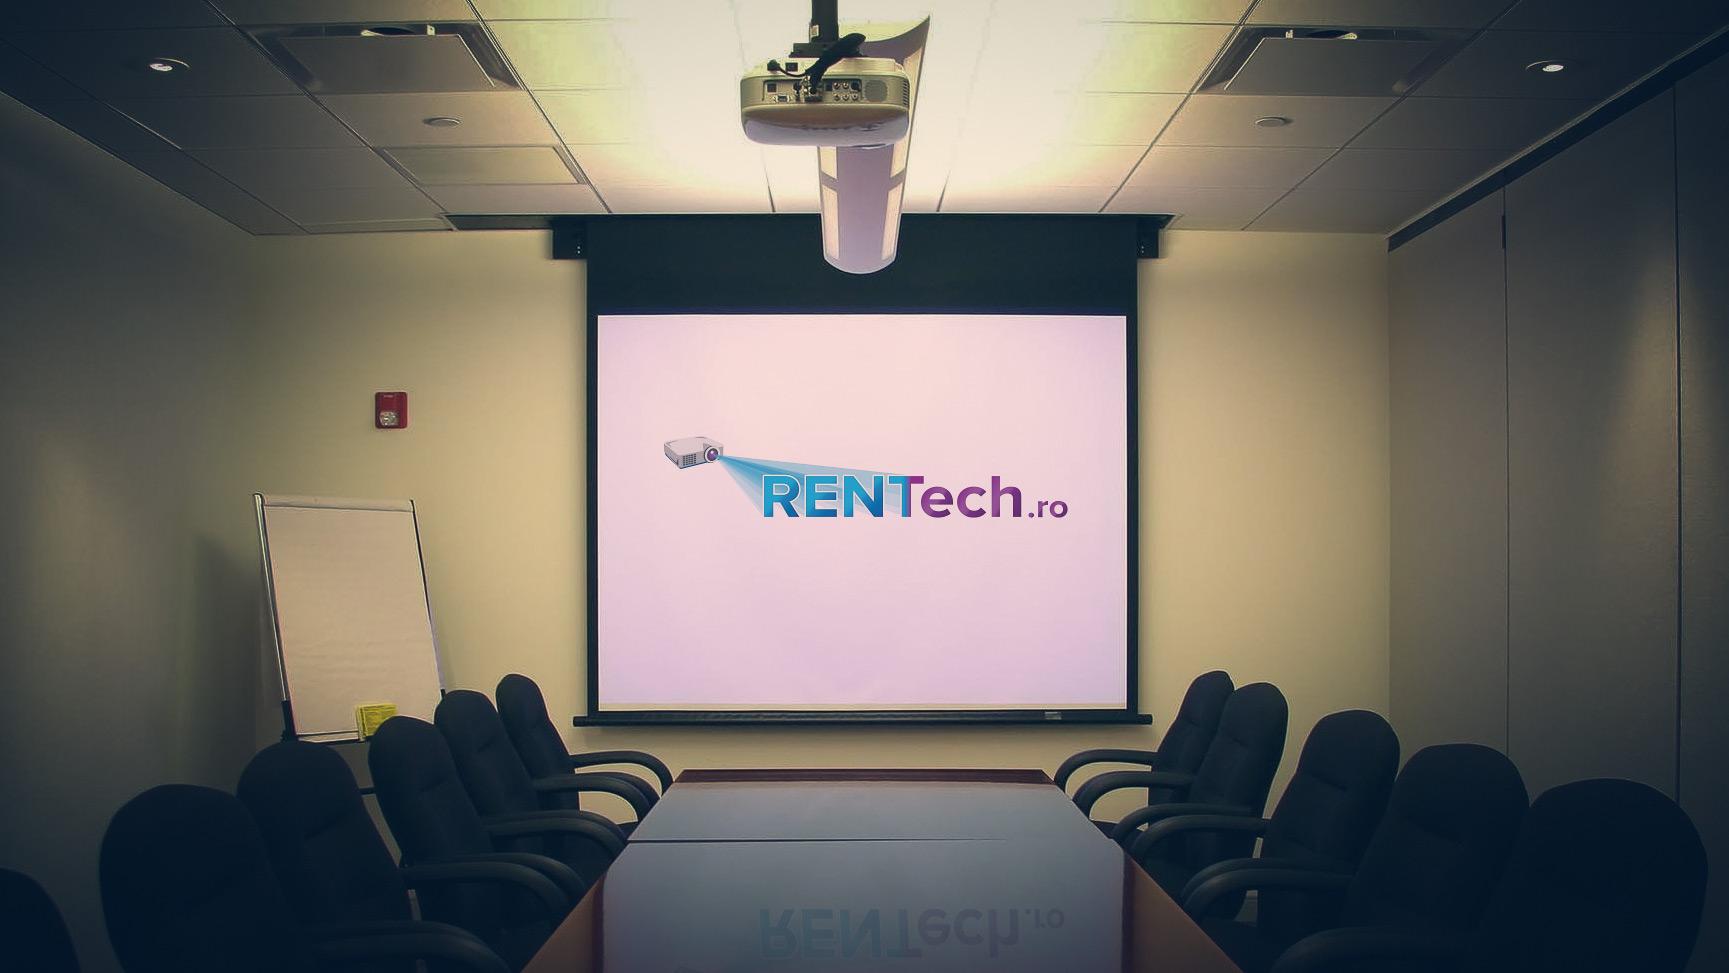 Rentech.ro Inchirieri echipamente audio video